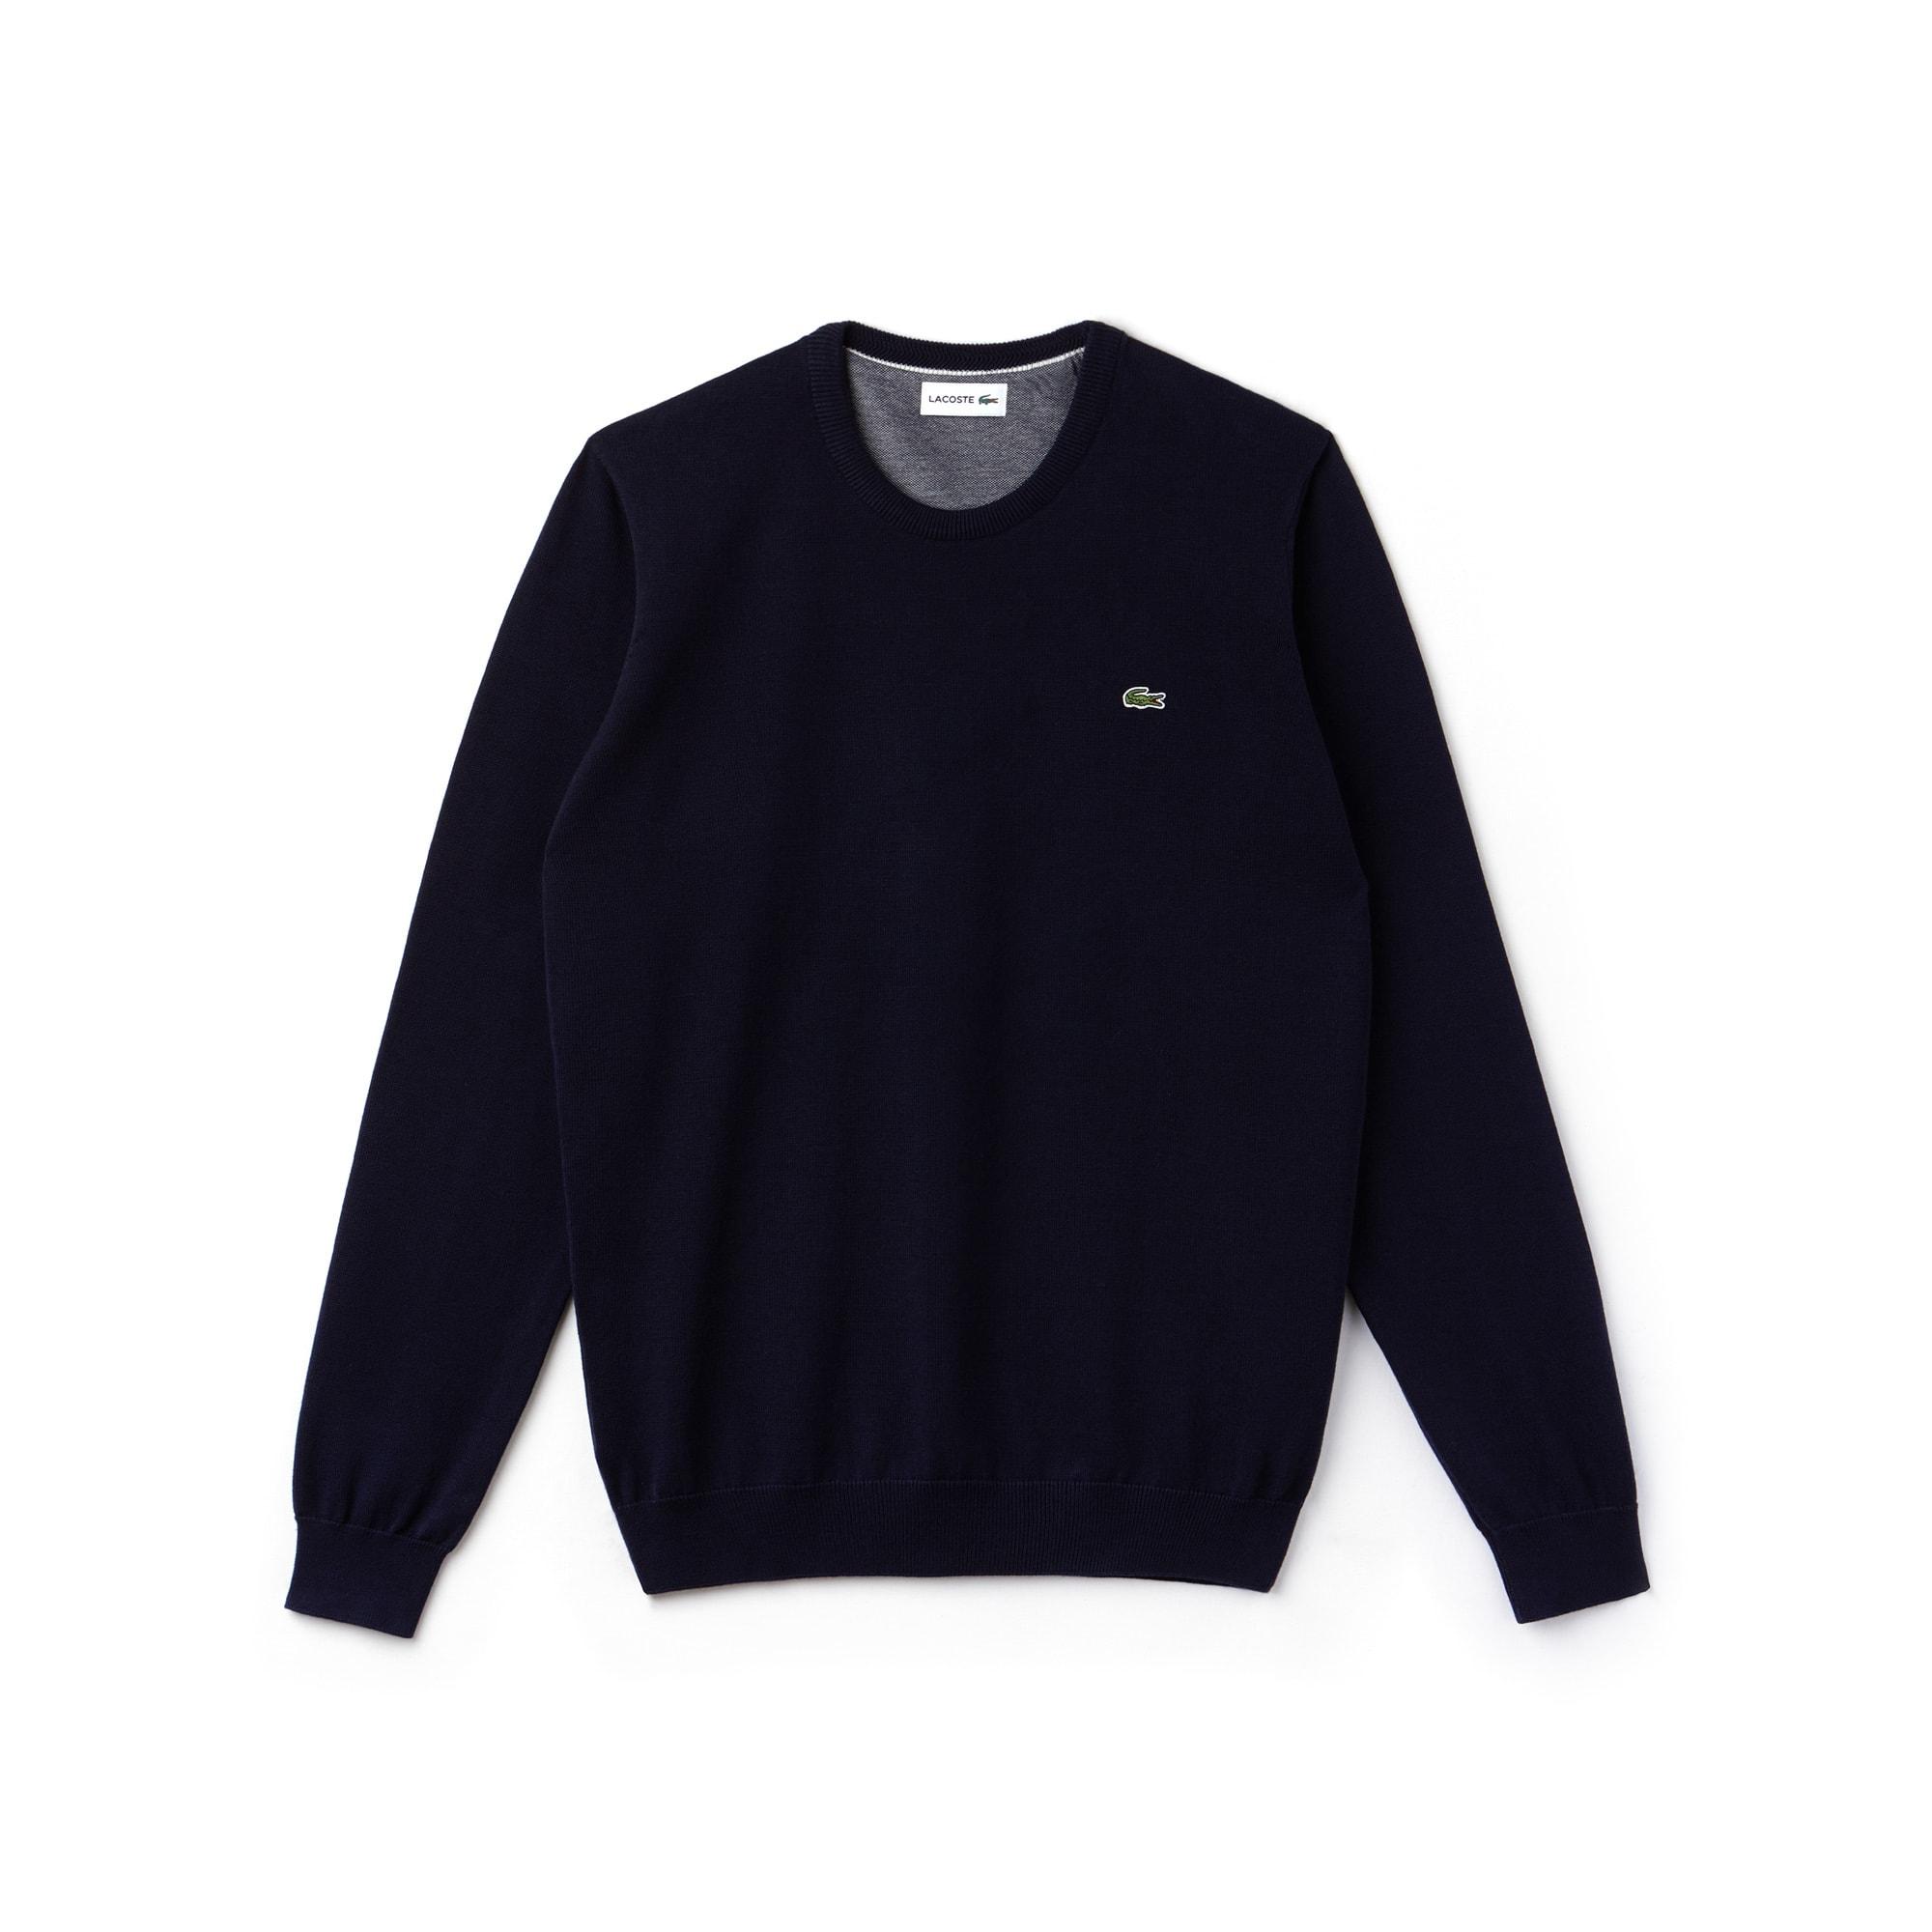 Sweatshirt heren ronde hals katoenjersey met caviar piqué-accenten